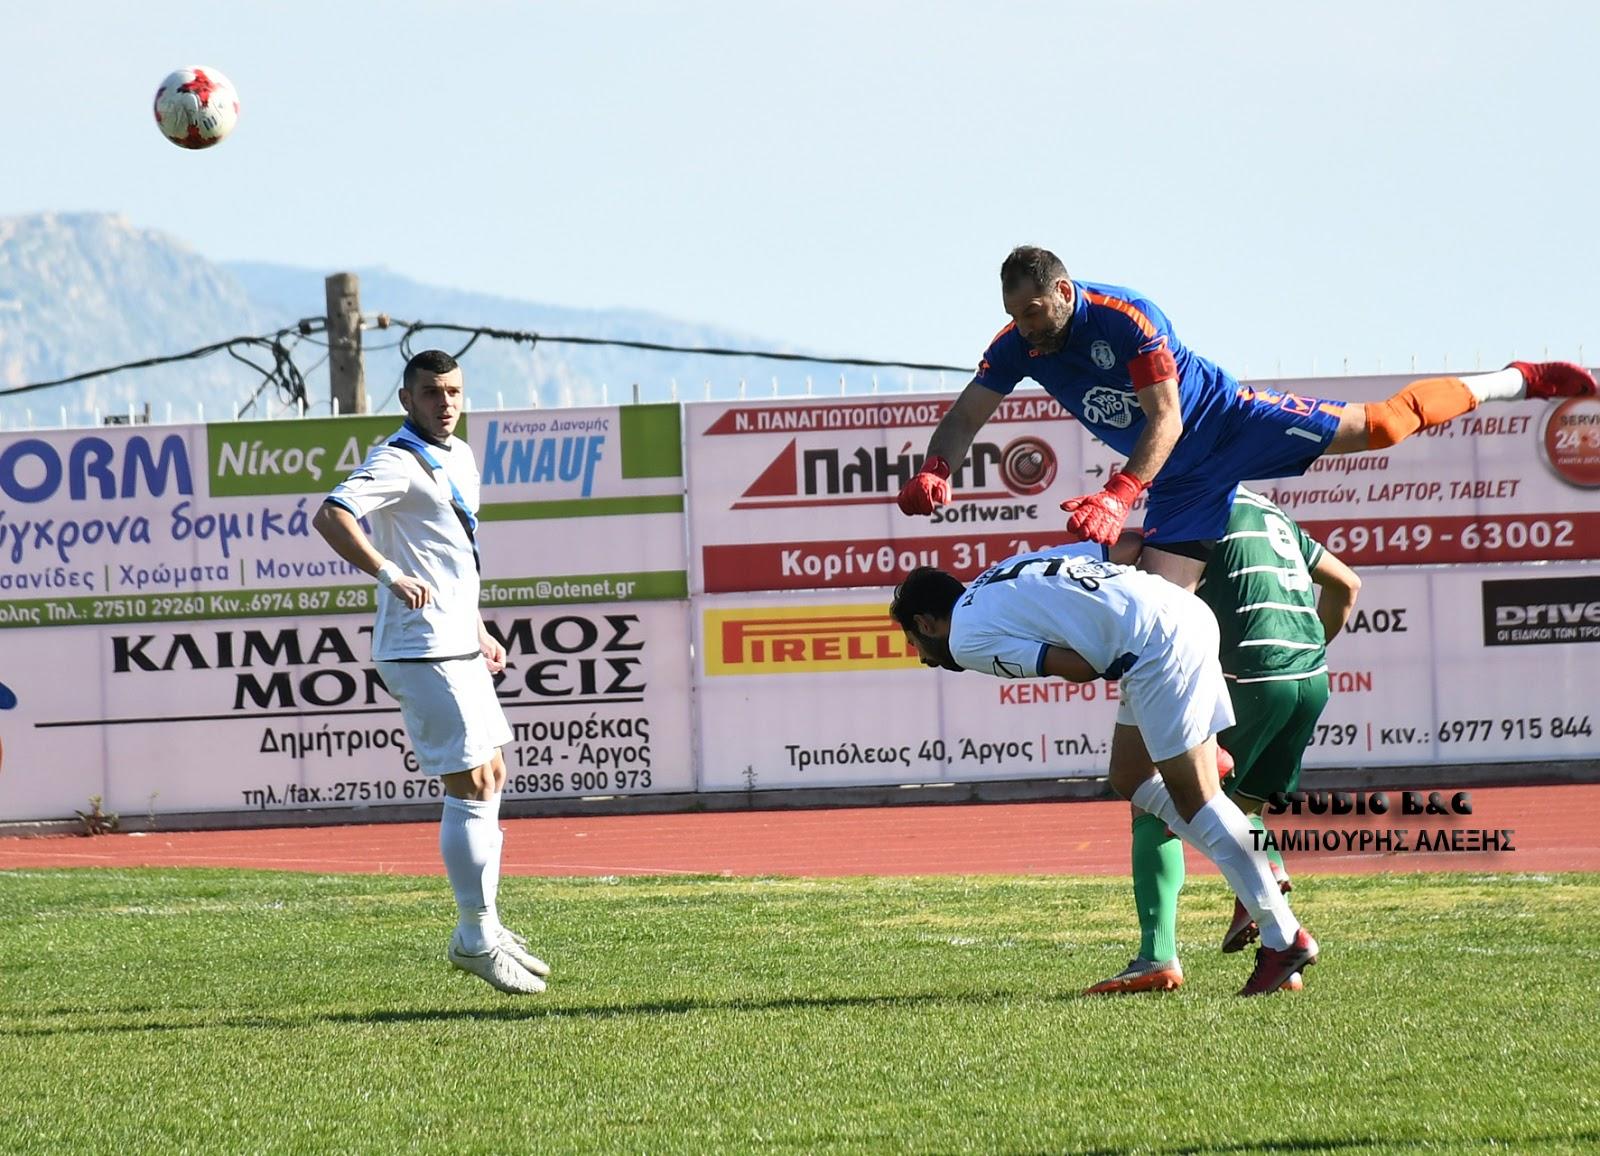 Δείτε παρακάτω τις φάσεις και το γκολ της αναμέτρησης του Παναργειακού με  την Ένωση Λέρνας για την 19η αγωνιστική του πρωταθλήματος της Γ΄Εθνικής 3433632c968